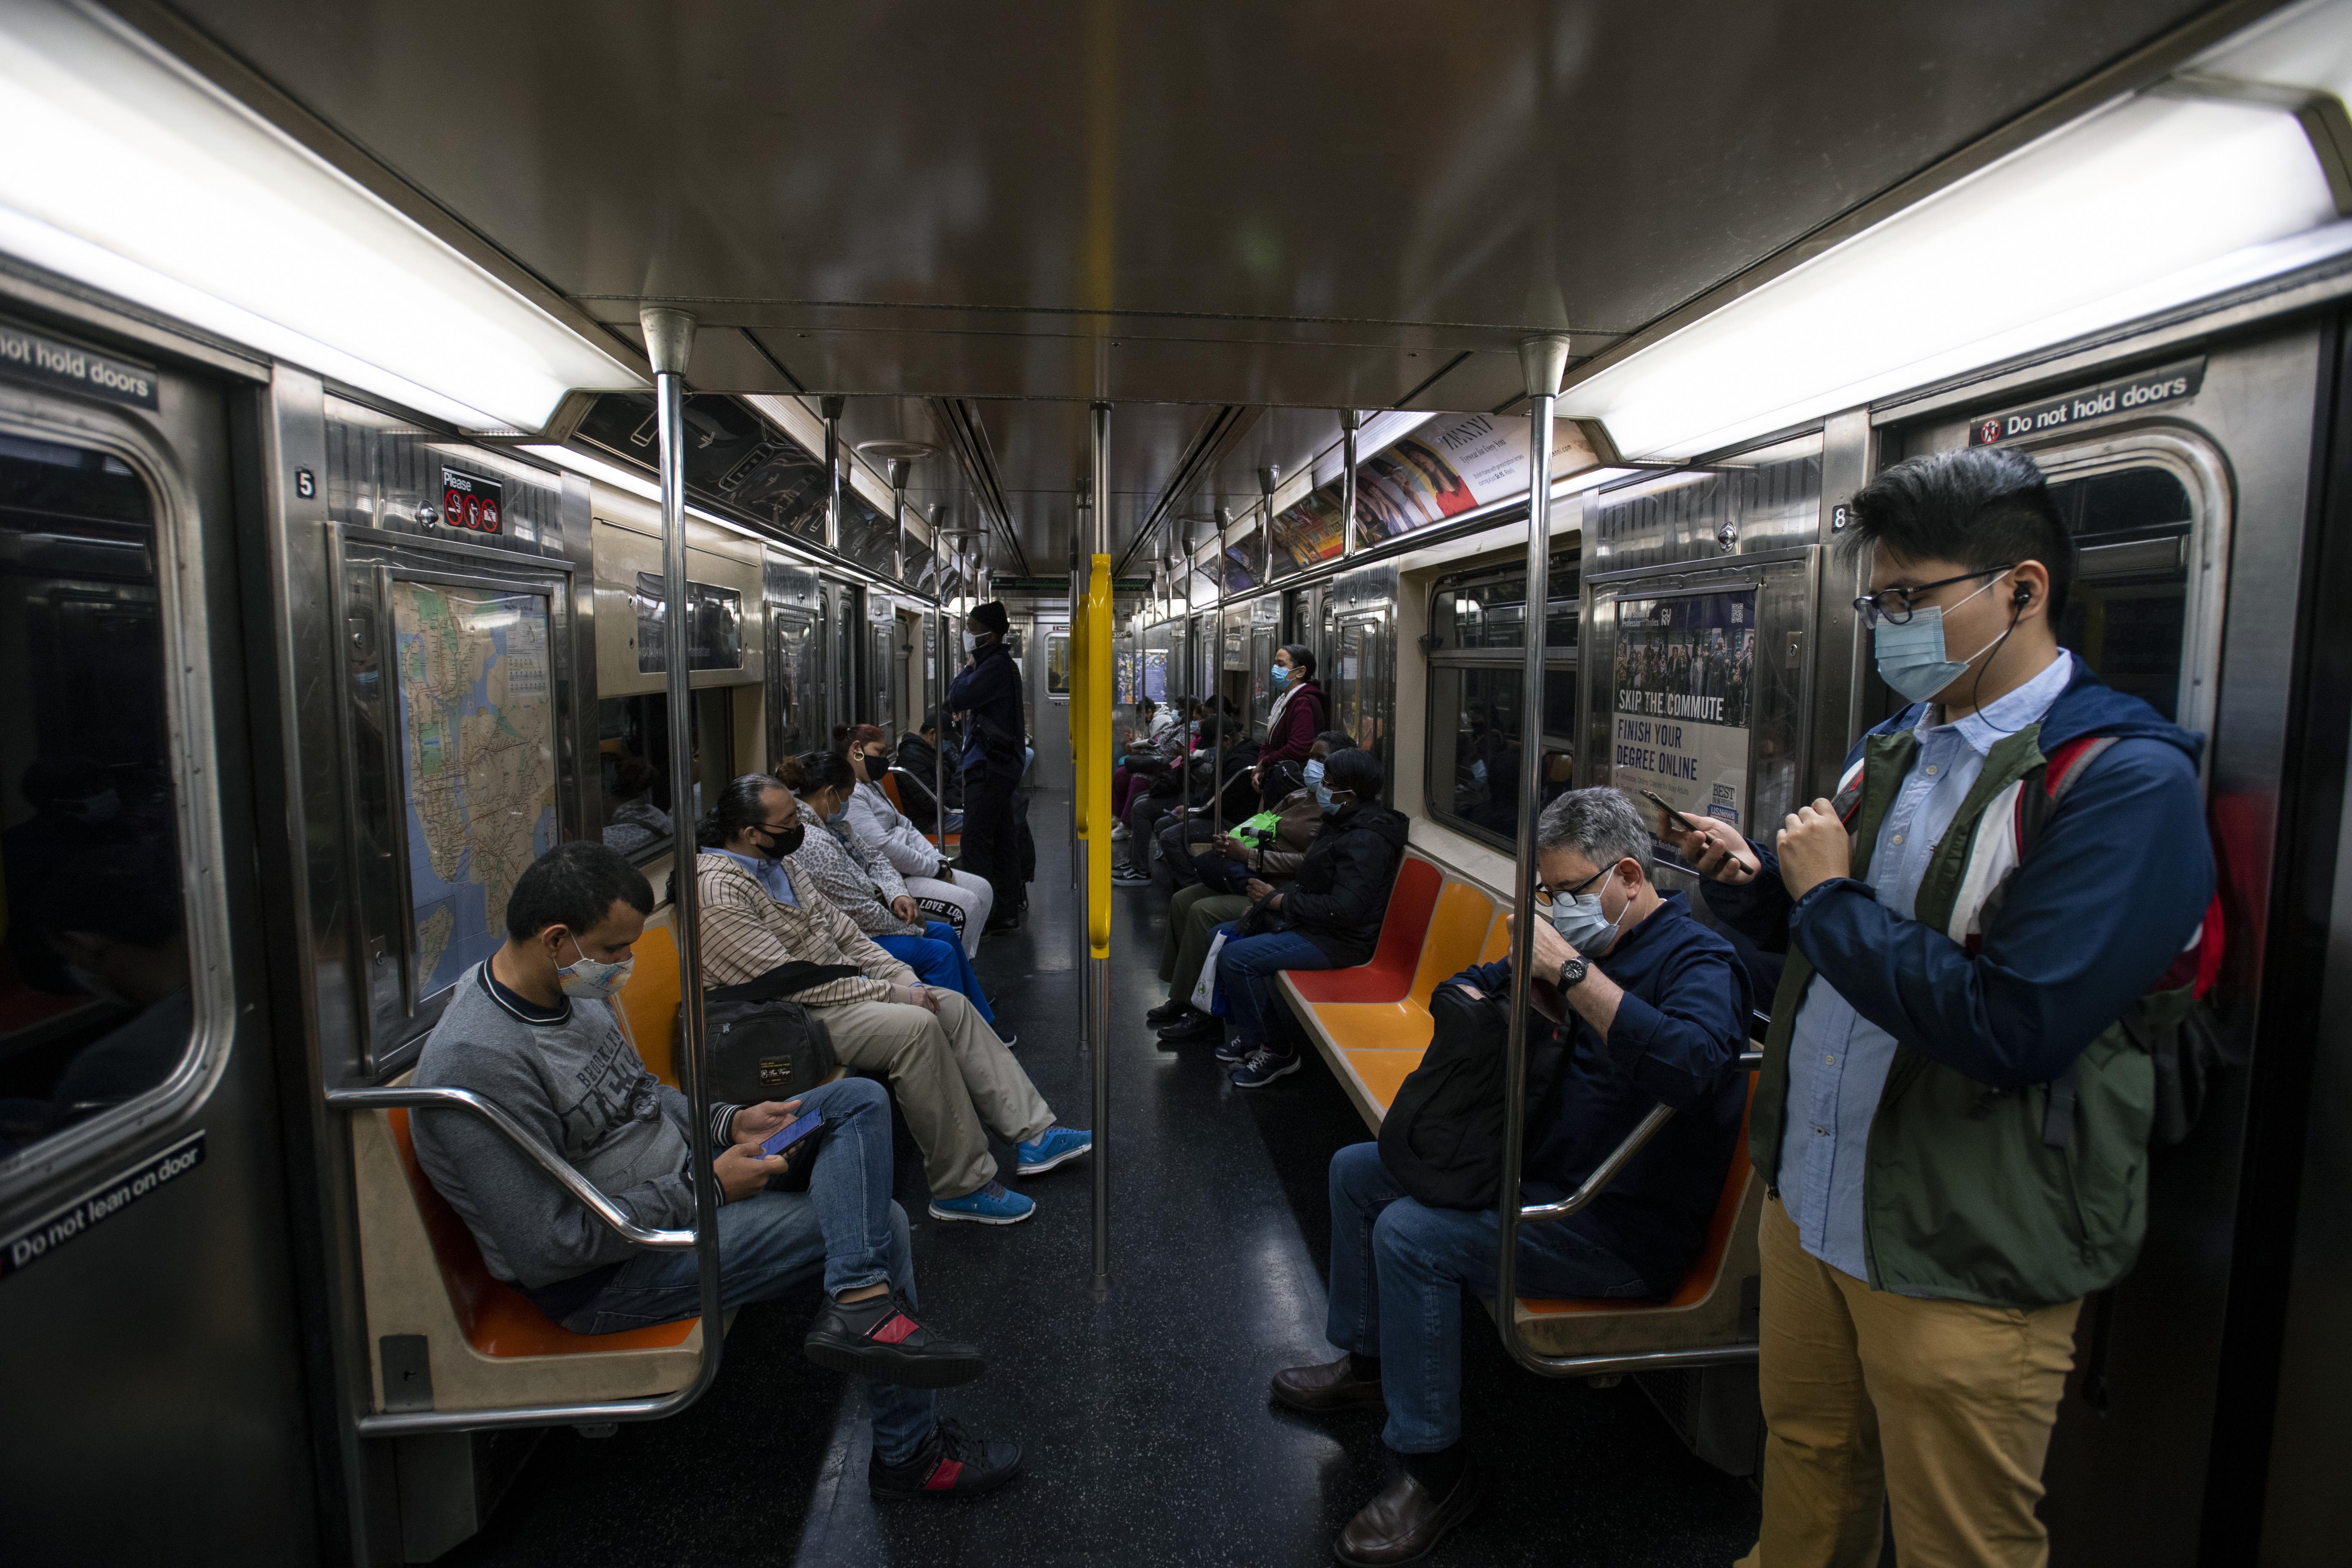 ■目前地鐵乘客量整體回復至大流行前的 30%水平。 Jonah Markowitz/紐約時報